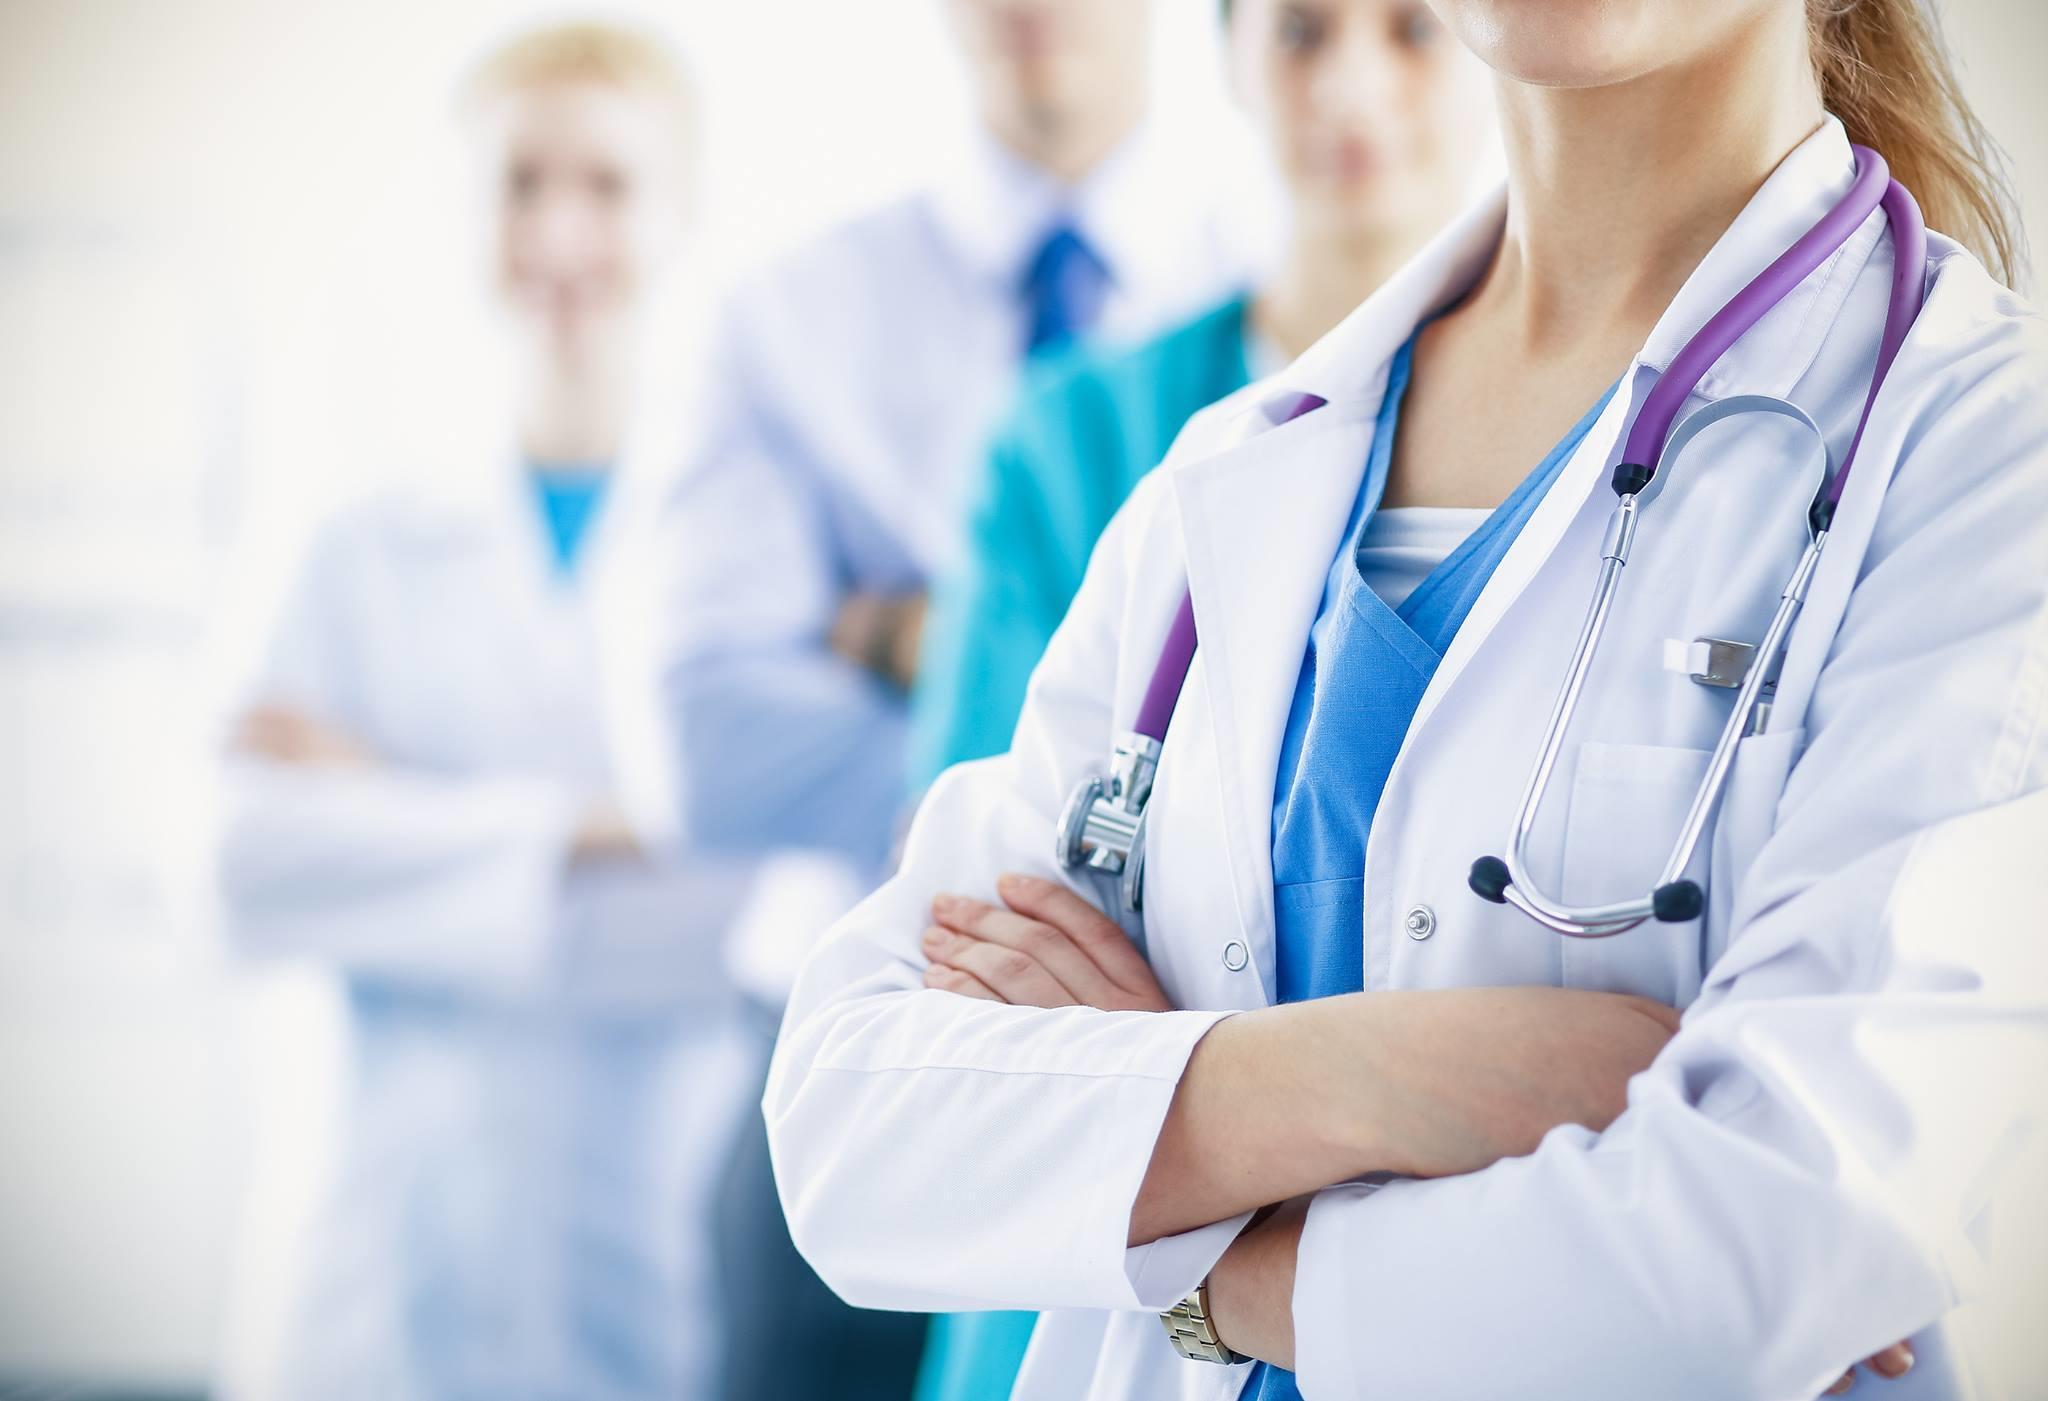 Какого числа День медсестры в 2019 году